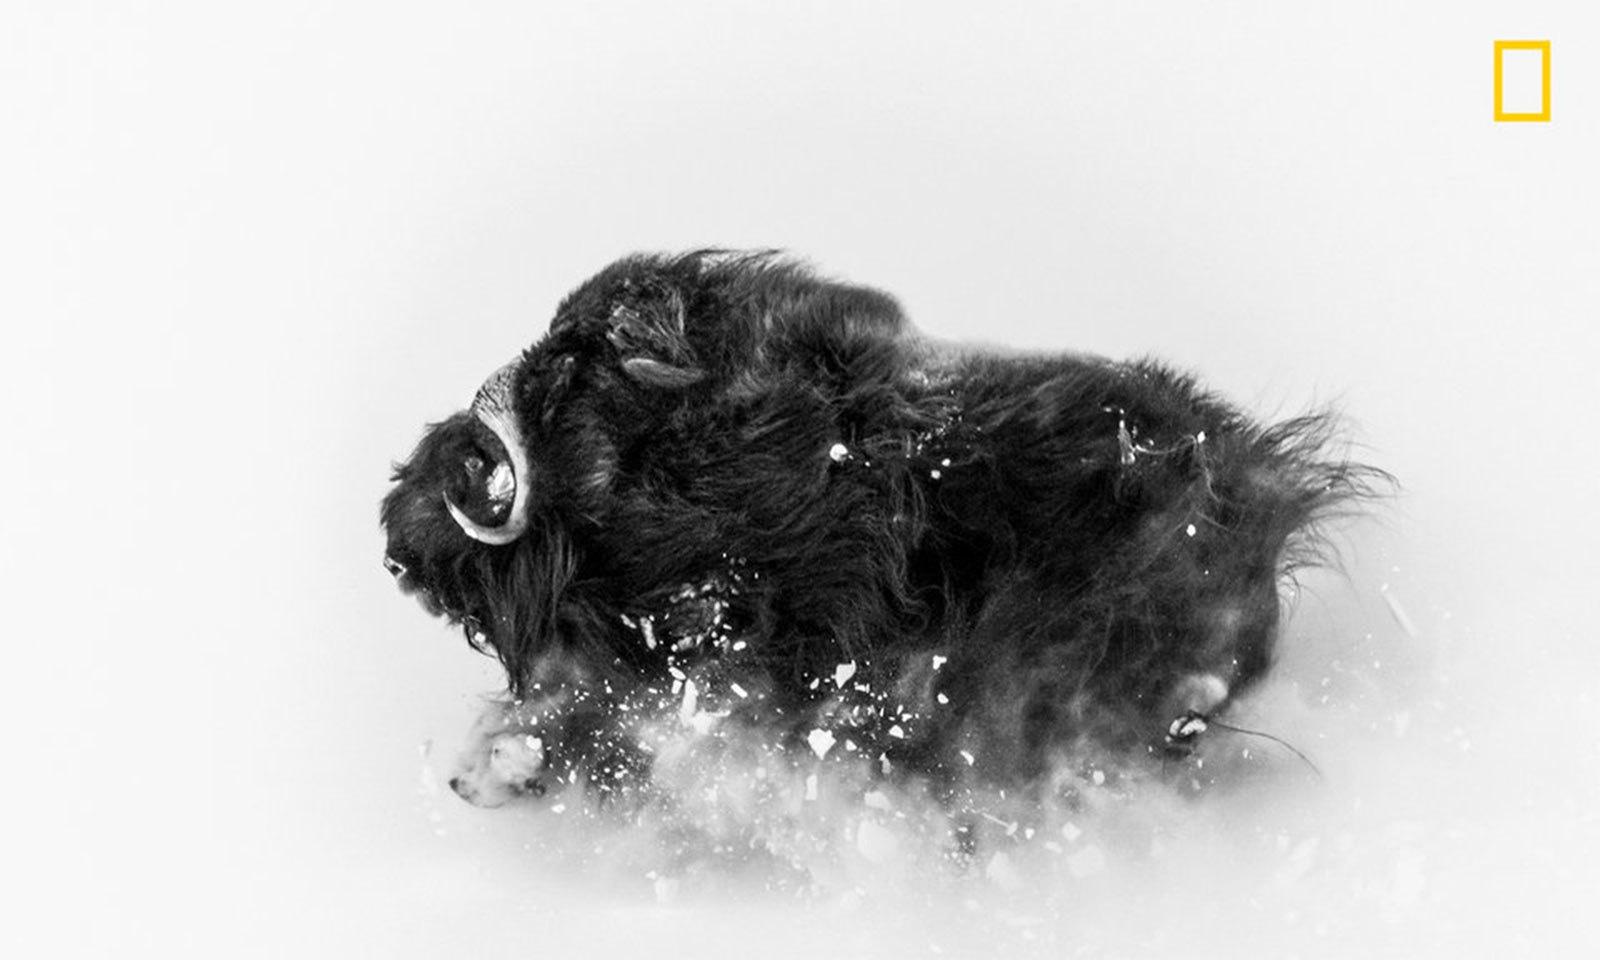 فوٹو بشکریہ جوناس بائر/ نیشنل جیوگرافک